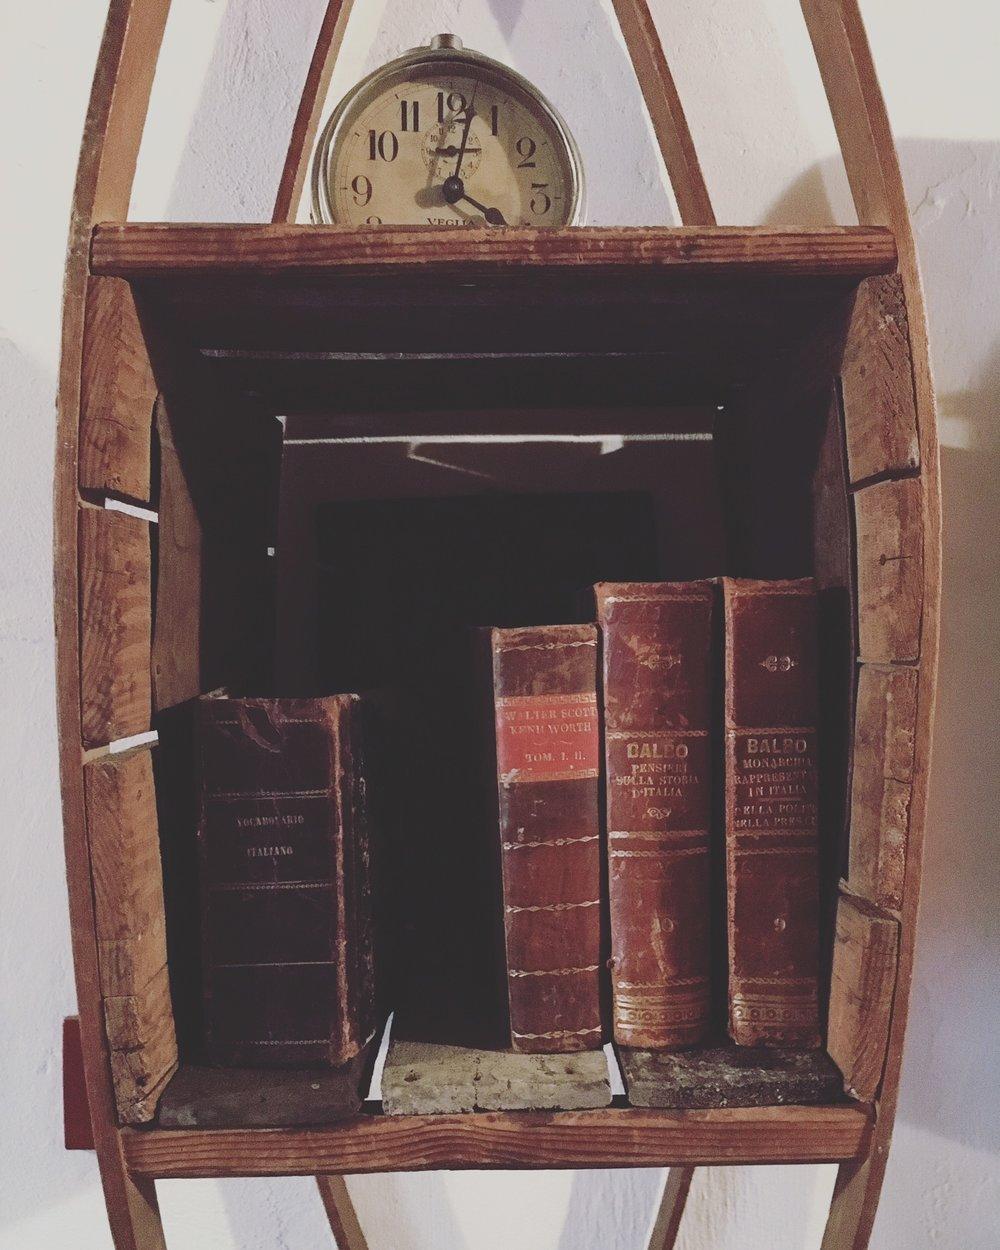 artigiano - bookcase